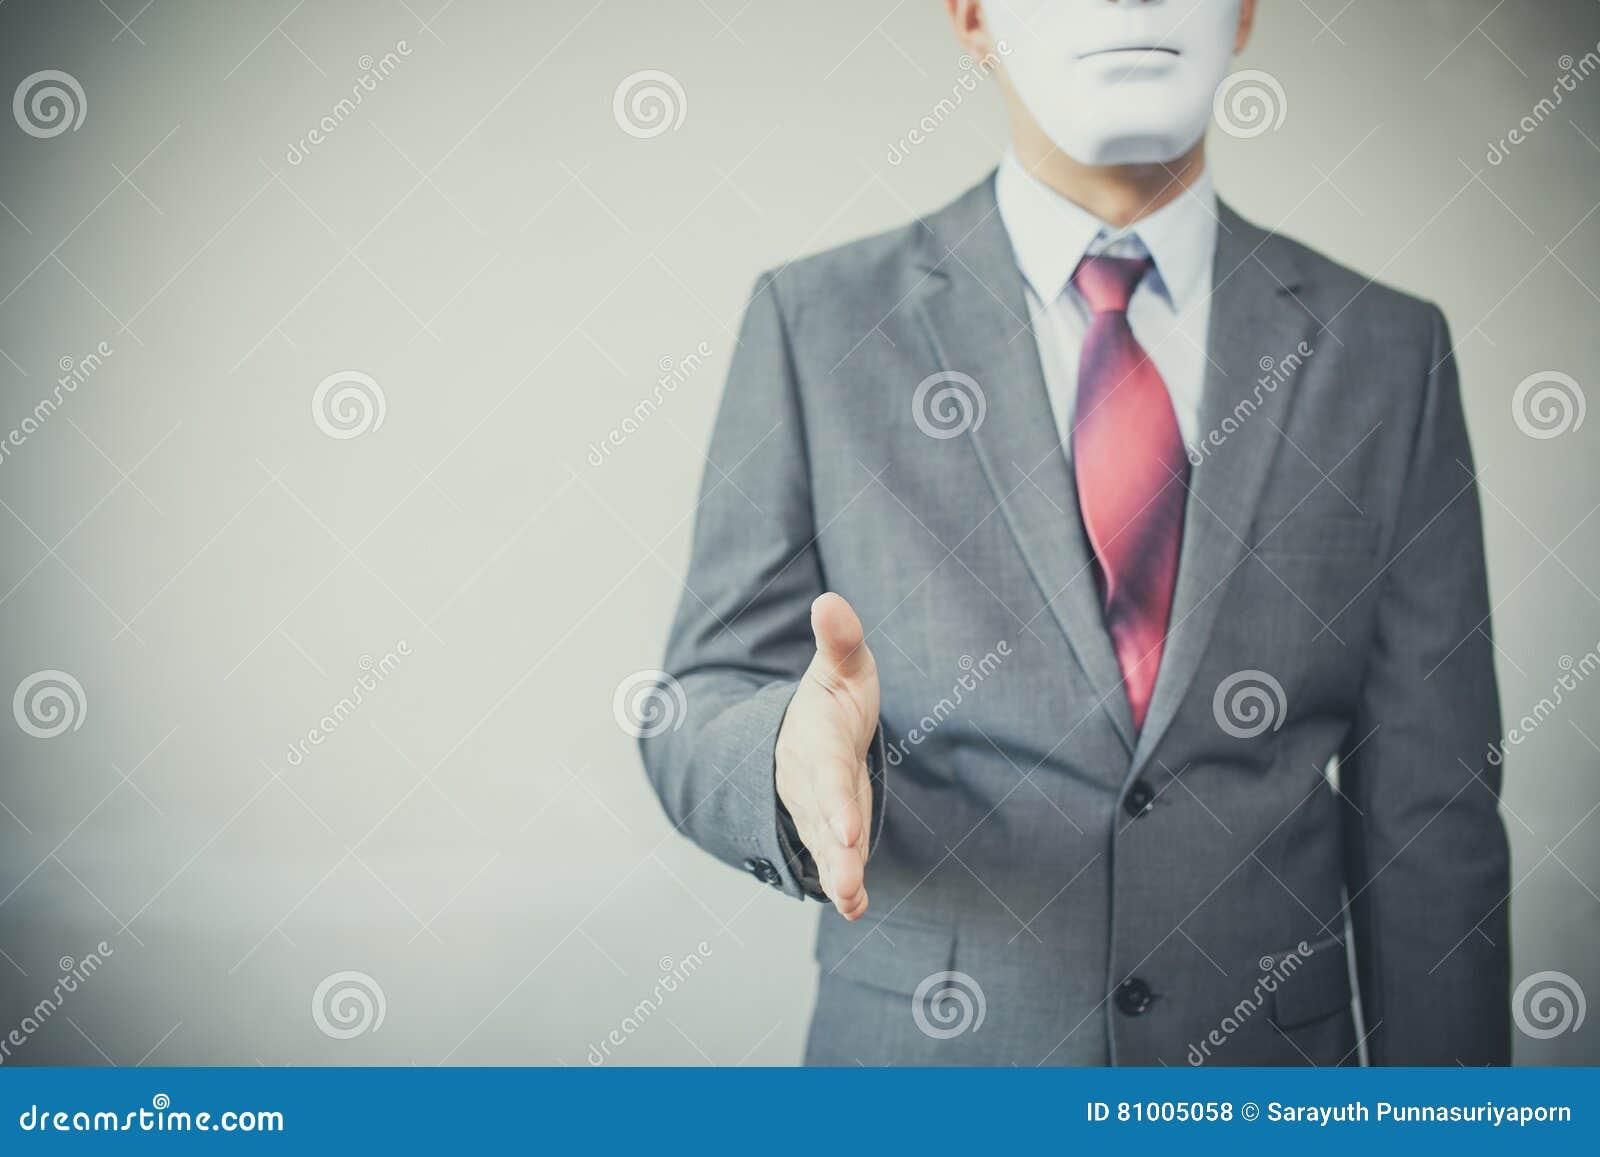 Επιχειρησιακό άτομο που δίνει το ανέντιμο κρύψιμο χειραψιών στη μάσκα - επιχειρησιακή απάτη και συμφωνία υποκριτών